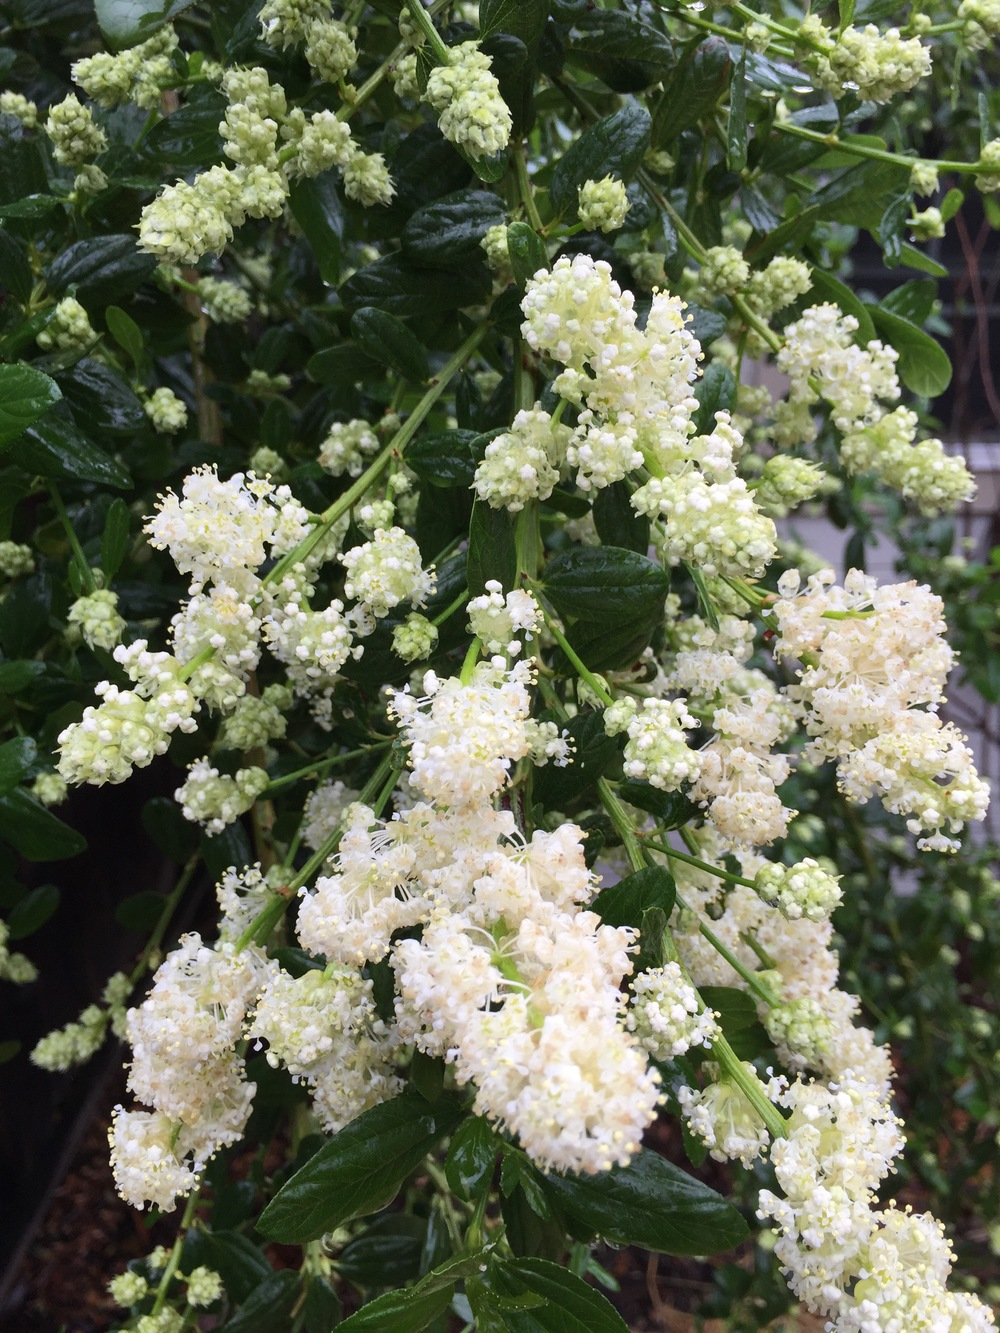 Ceanothus, or California Lilac